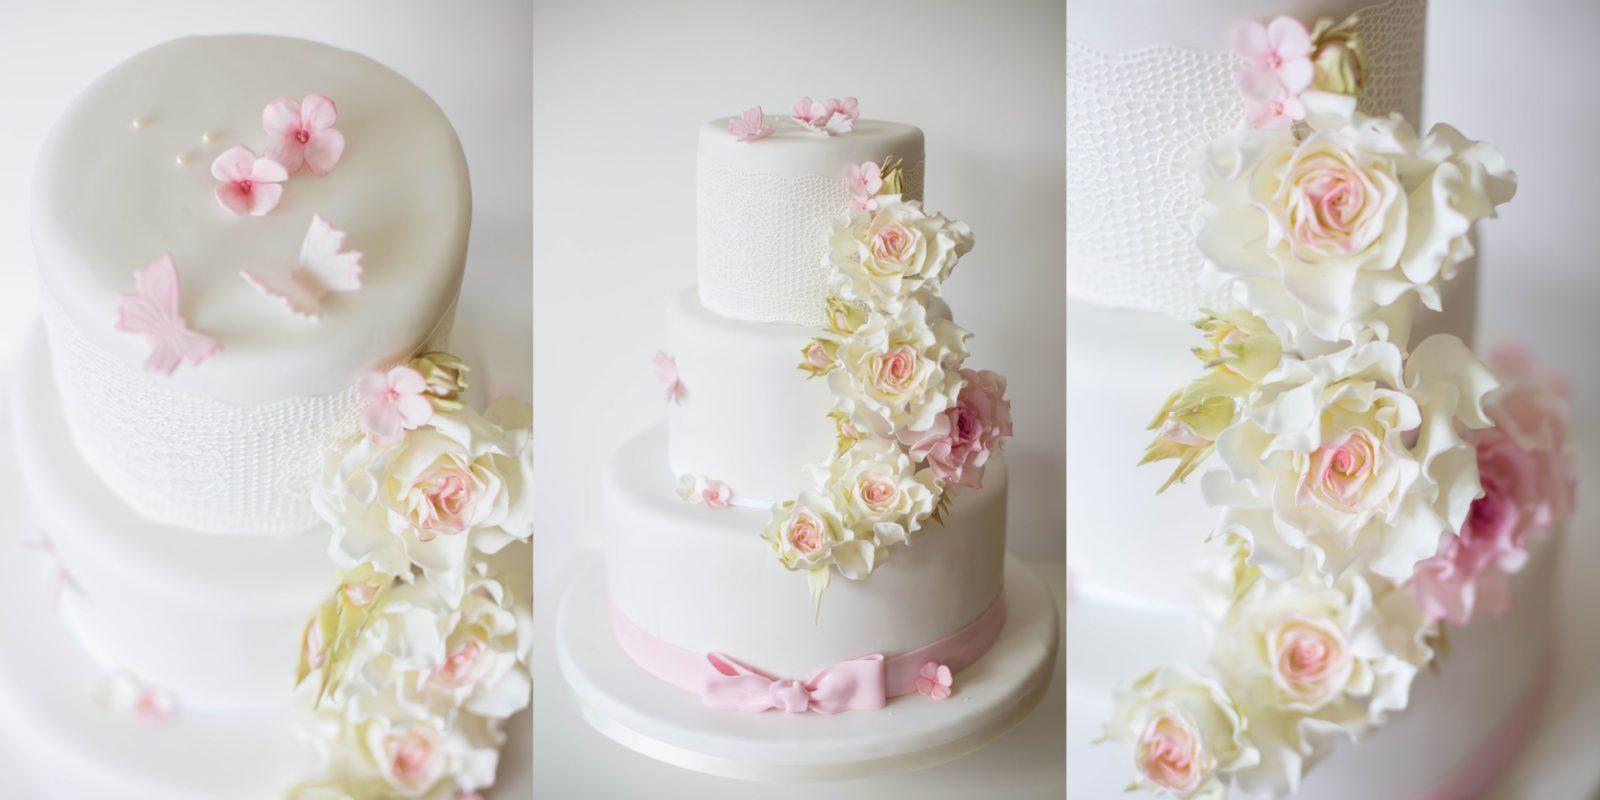 Rosen modelliert aus Blütenpaste, Hochzeitstorte von suess-und-salzig